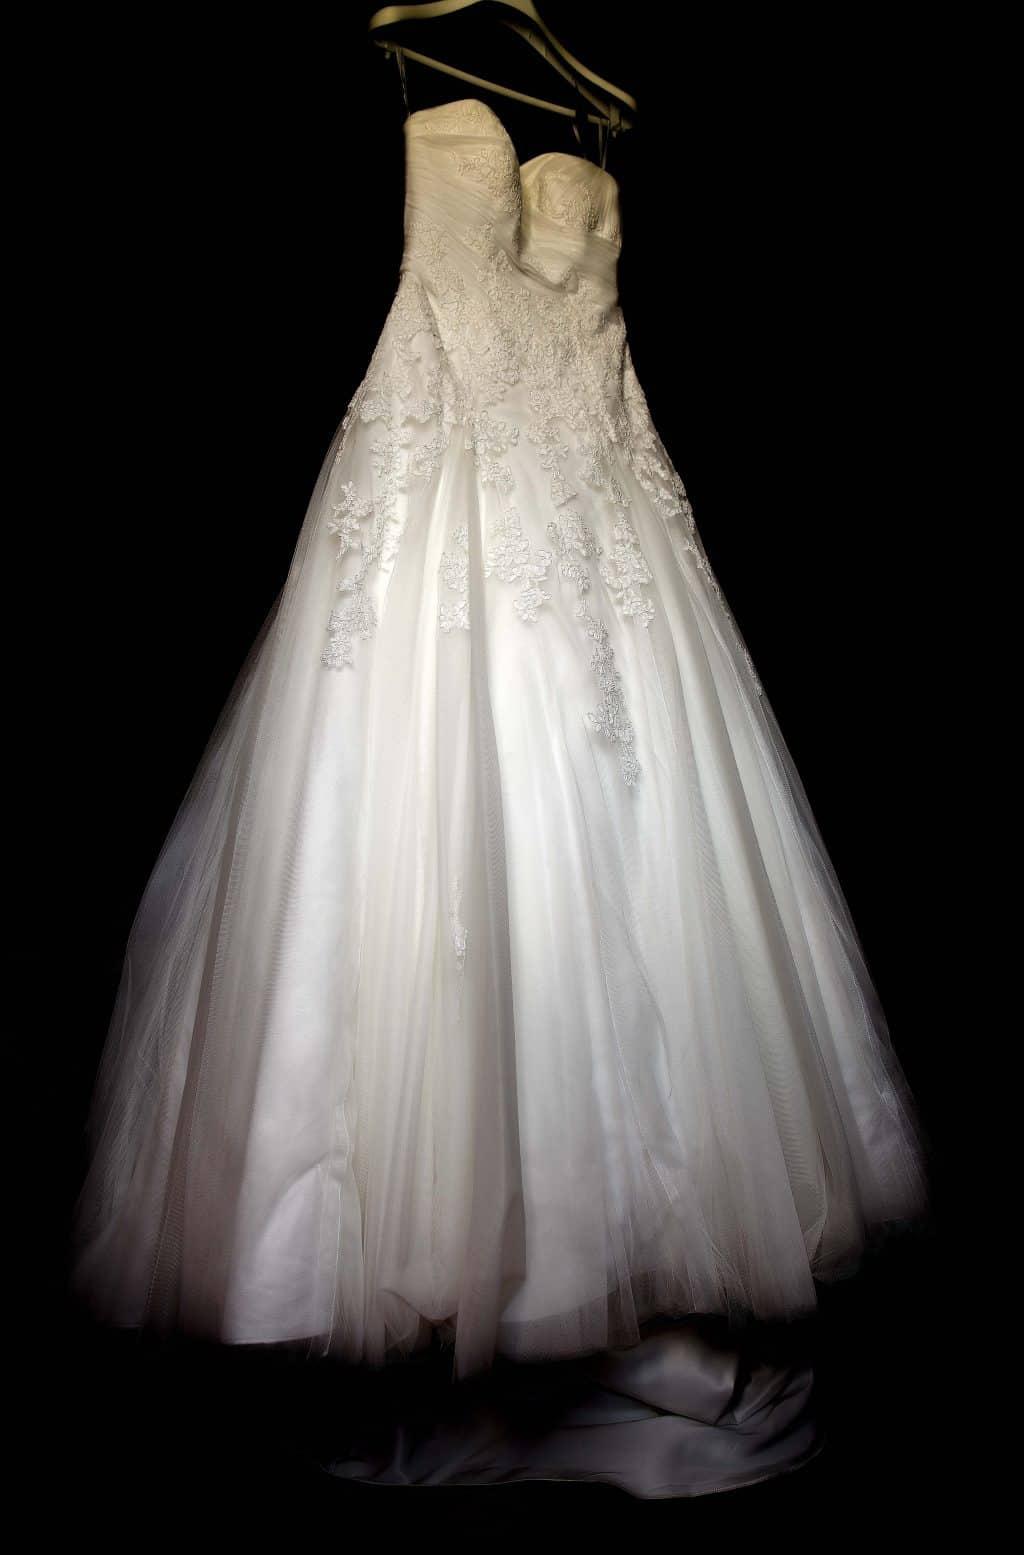 phorographie miage paris photo de la robe de la mariée